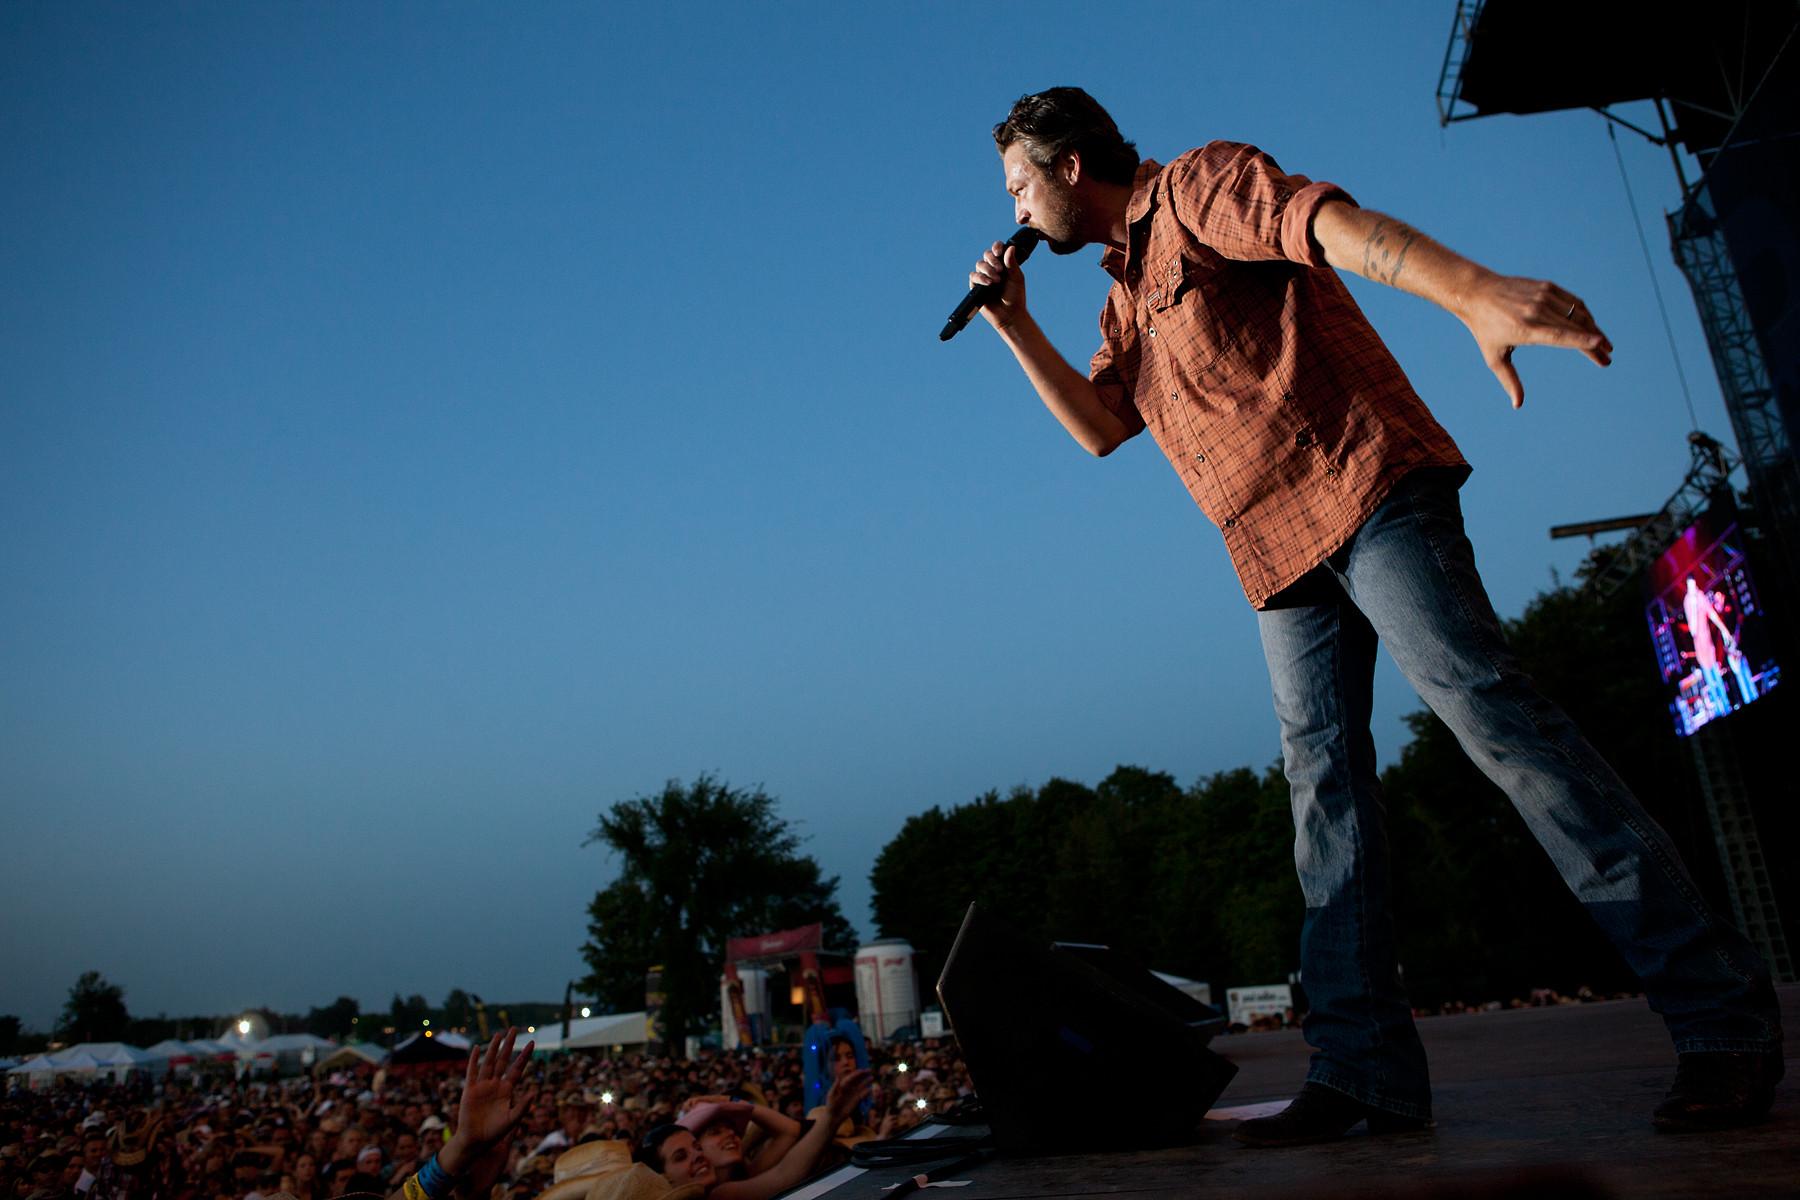 Blake Shelton @ CMT Music Festival 2011